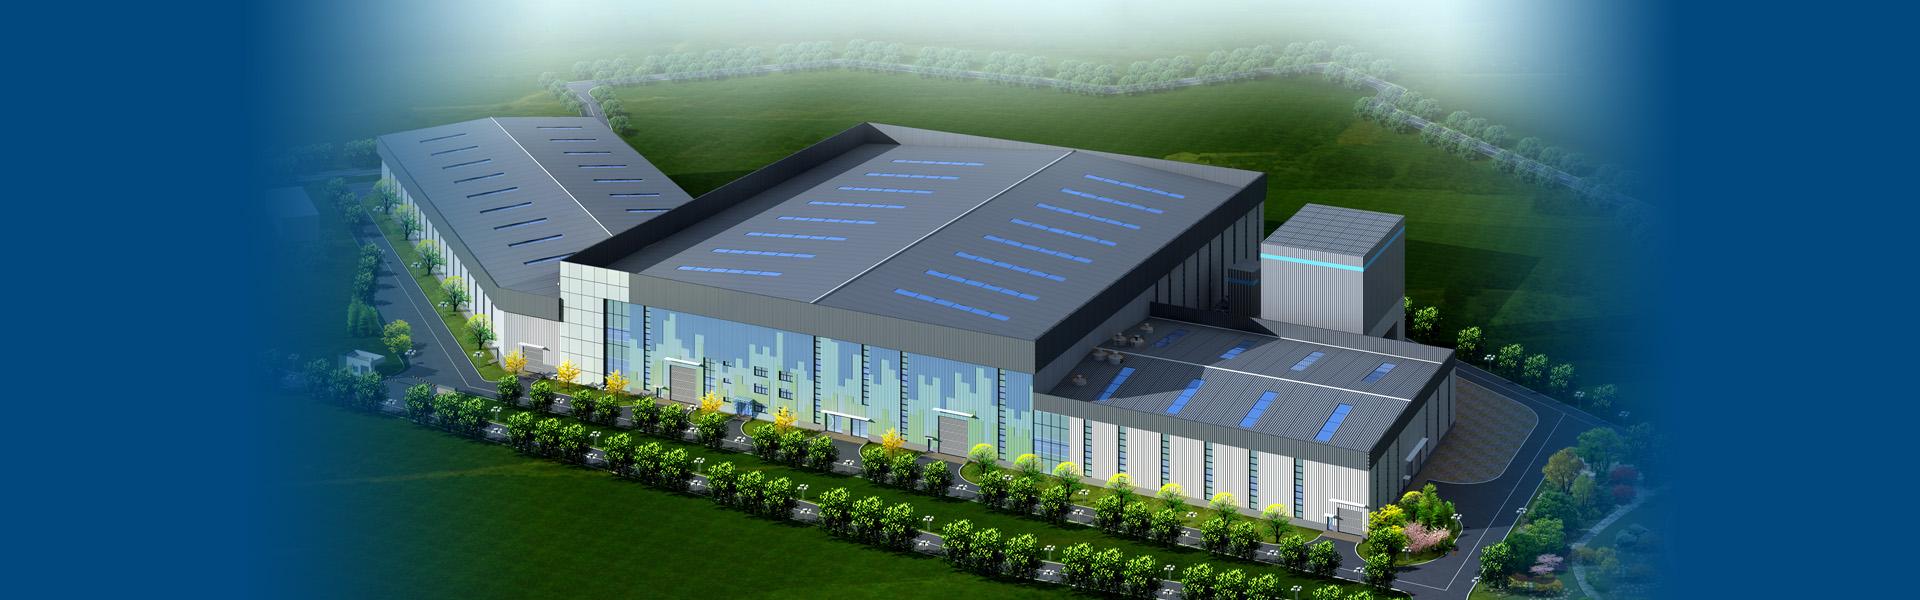 首鋼北(bei)京年處理量(liang)100萬噸建築垃圾廢棄(qi)物循環利(li)用示(shi)範(fan)線